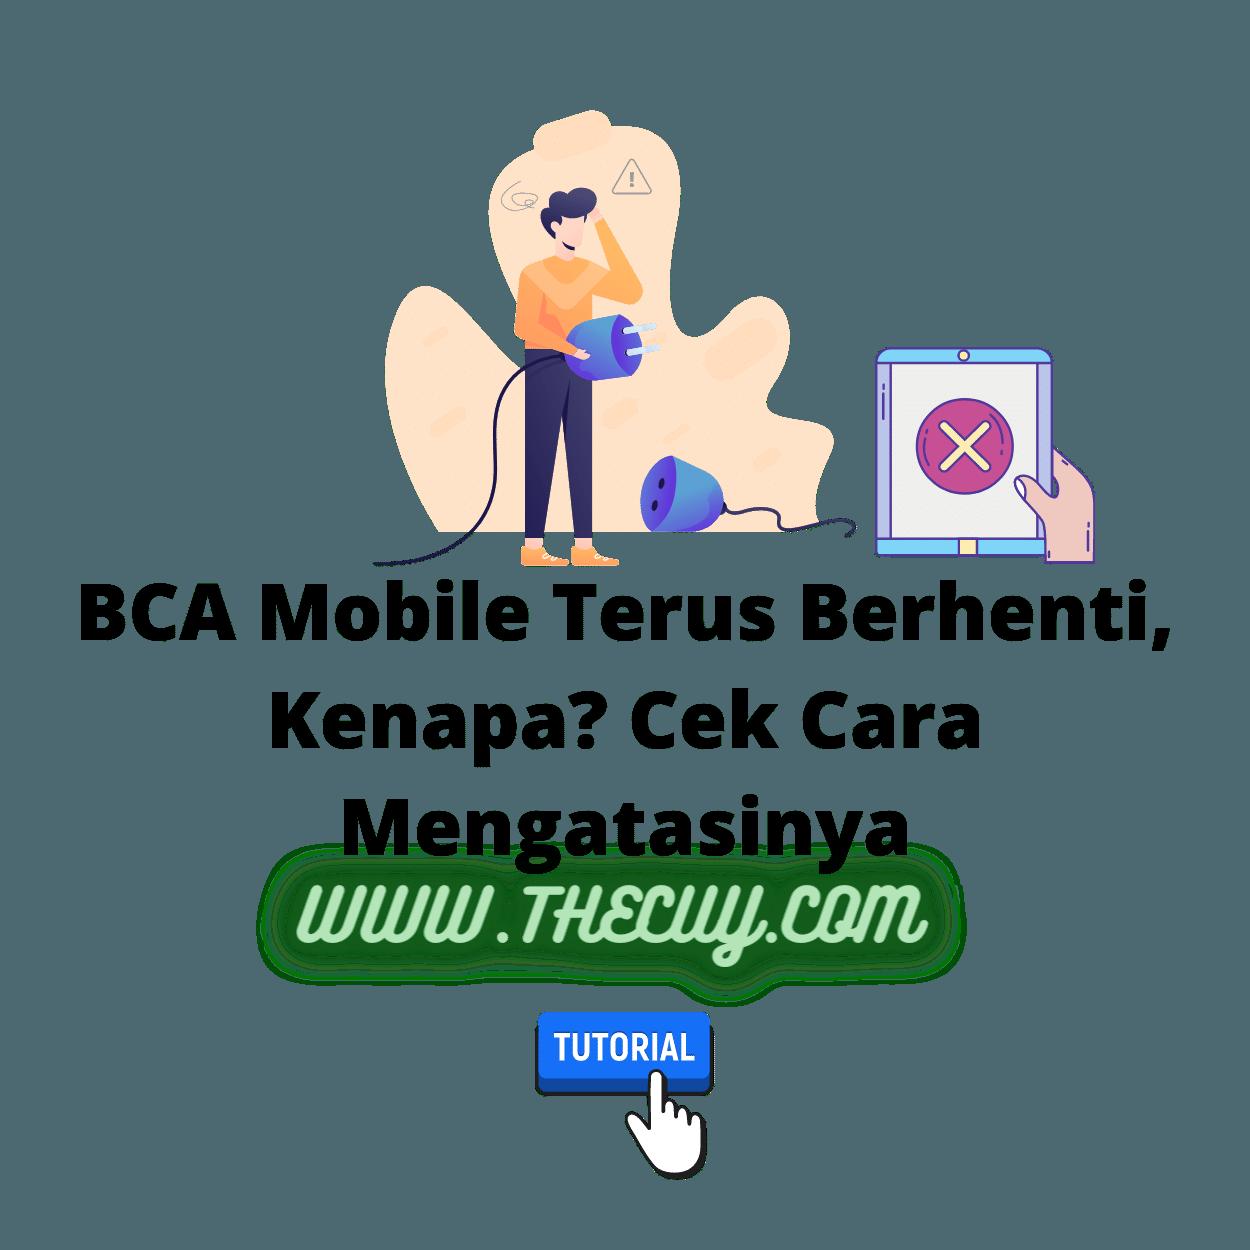 BCA Mobile Terus Berhenti, Kenapa? Cek Cara Mengatasinya